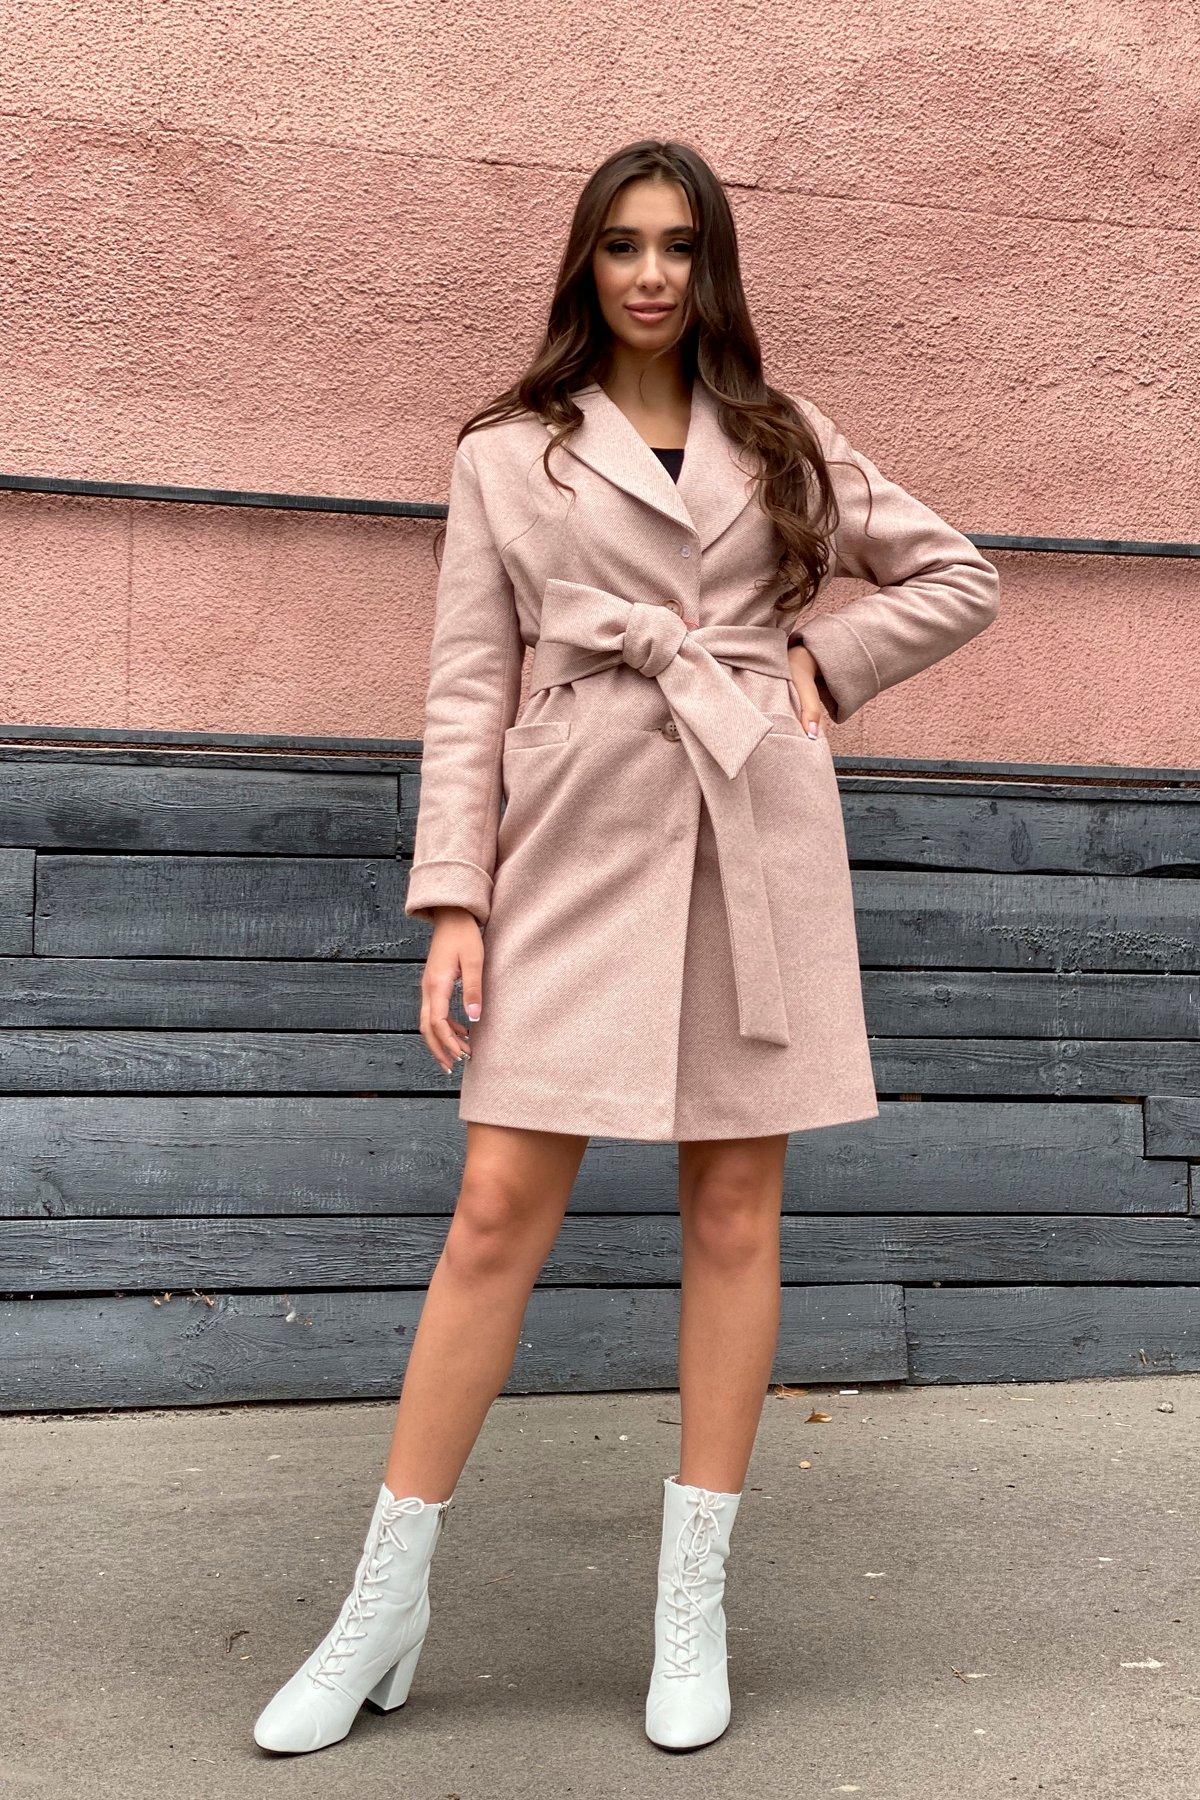 Зимнее утепленное пальто диагональ Вива 8243 АРТ. 44280 Цвет: Бежевый - фото 12, интернет магазин tm-modus.ru